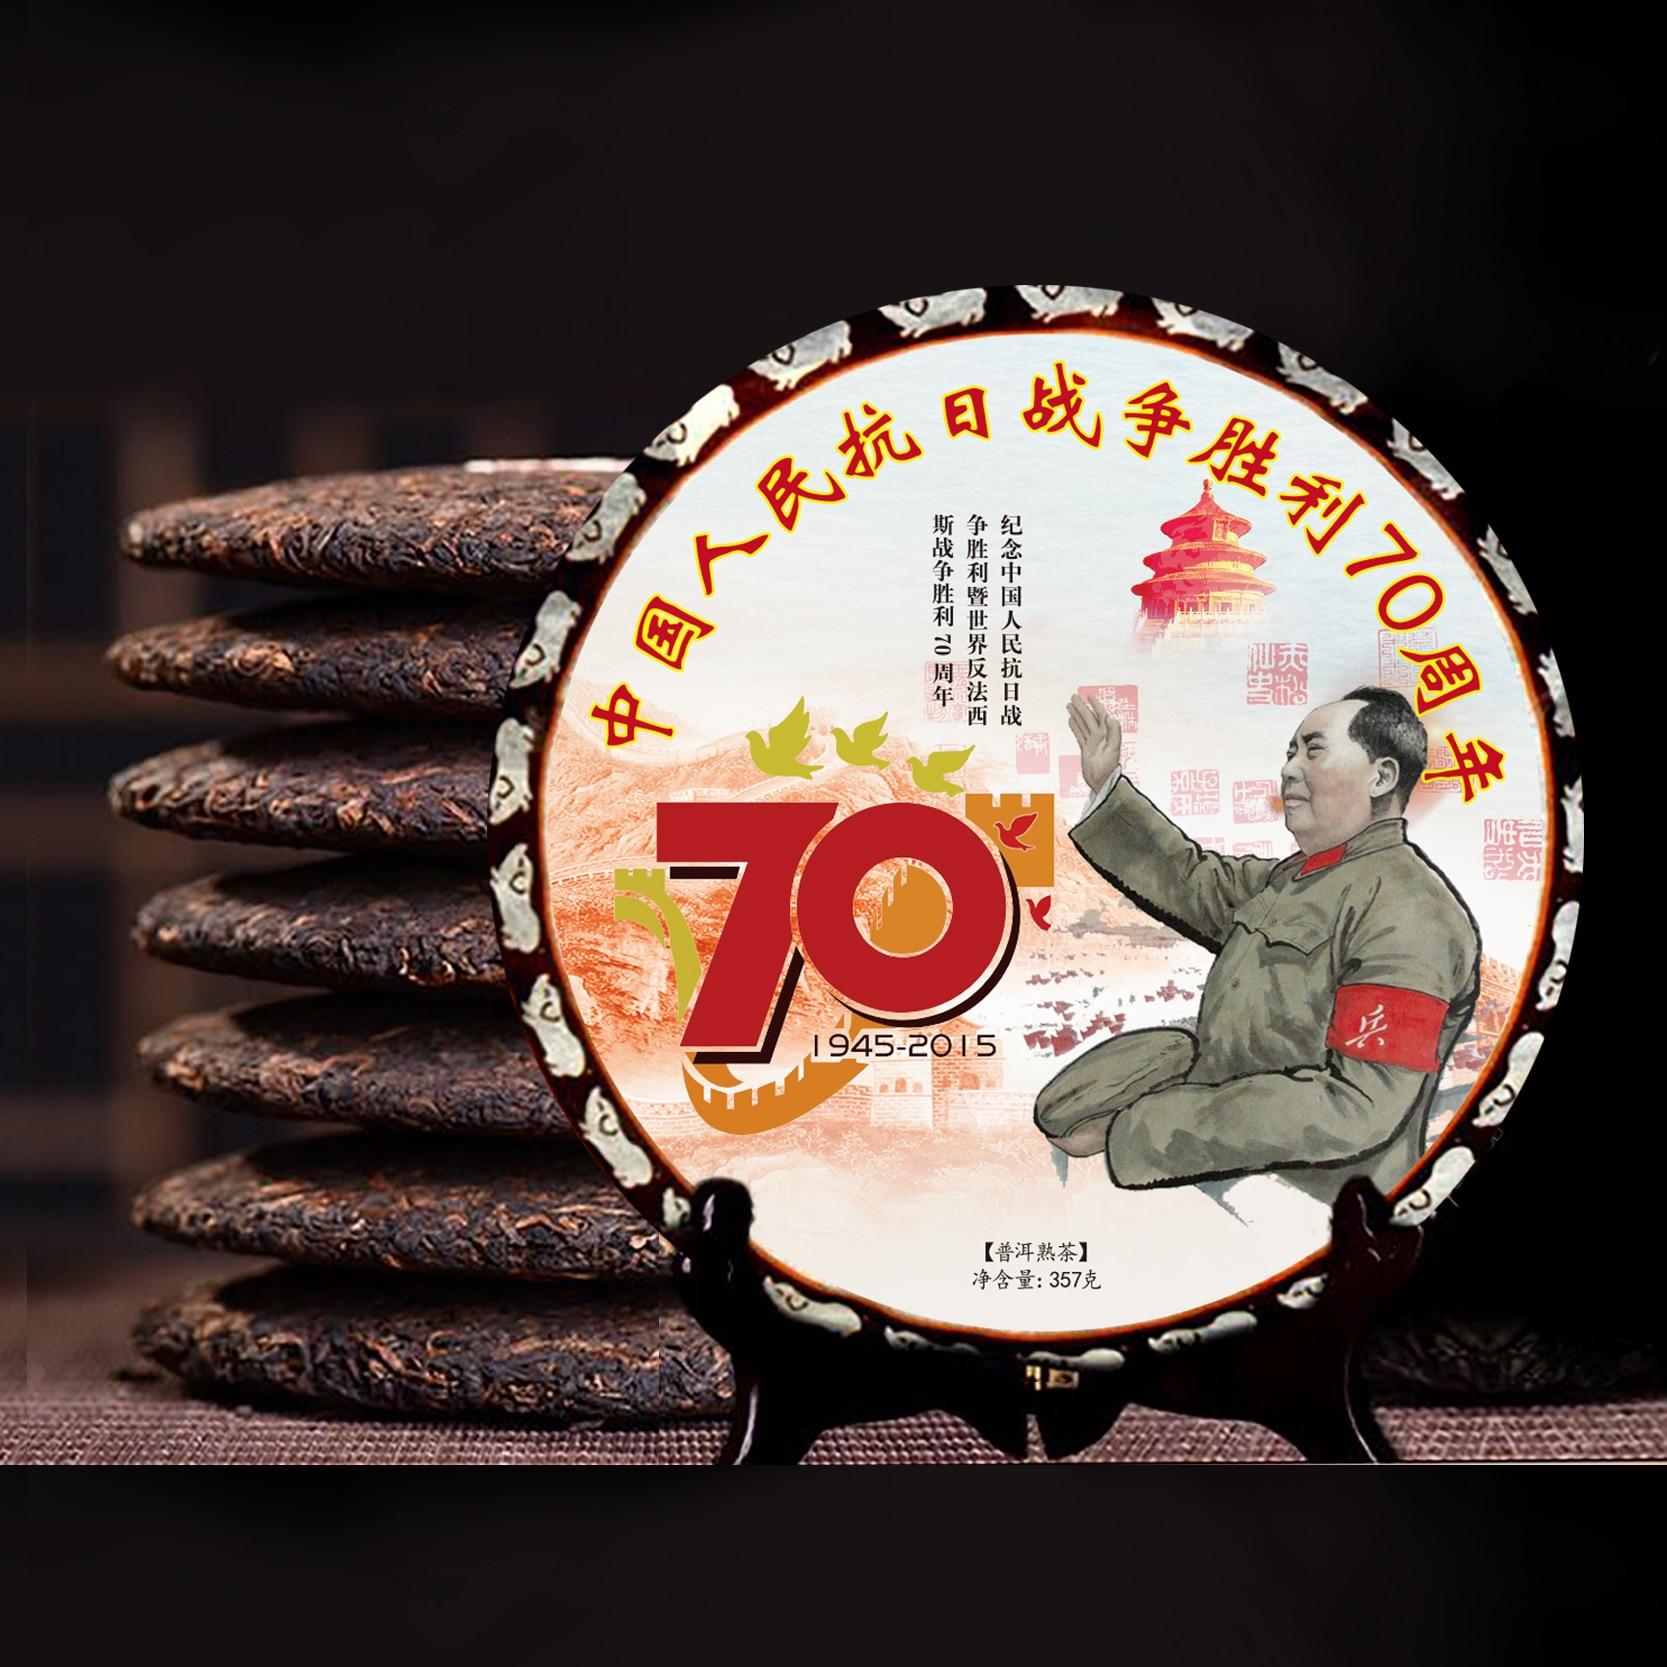 2008 Yr 5A Puer Tee 357g China Yunnan Ältesten Reifer Pu-erh Tee Unten Drei High Klar Feuer entgiftung Für Verloren Gewicht Tee